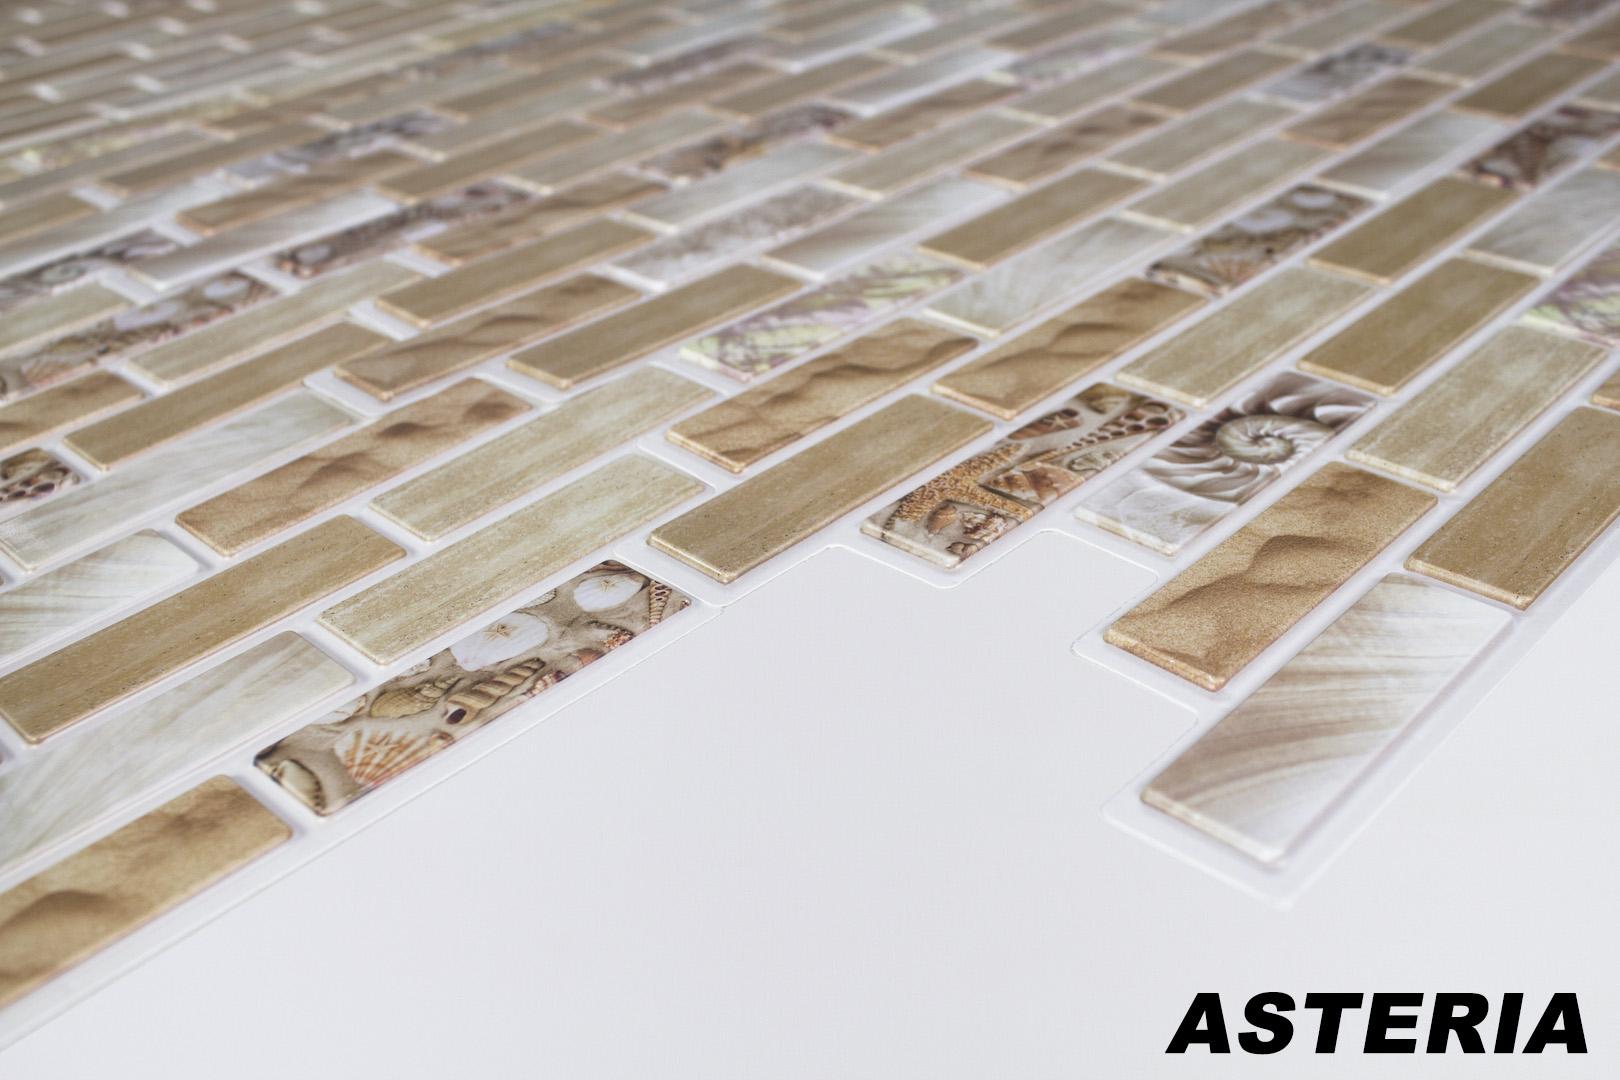 Asteria originalbild 1